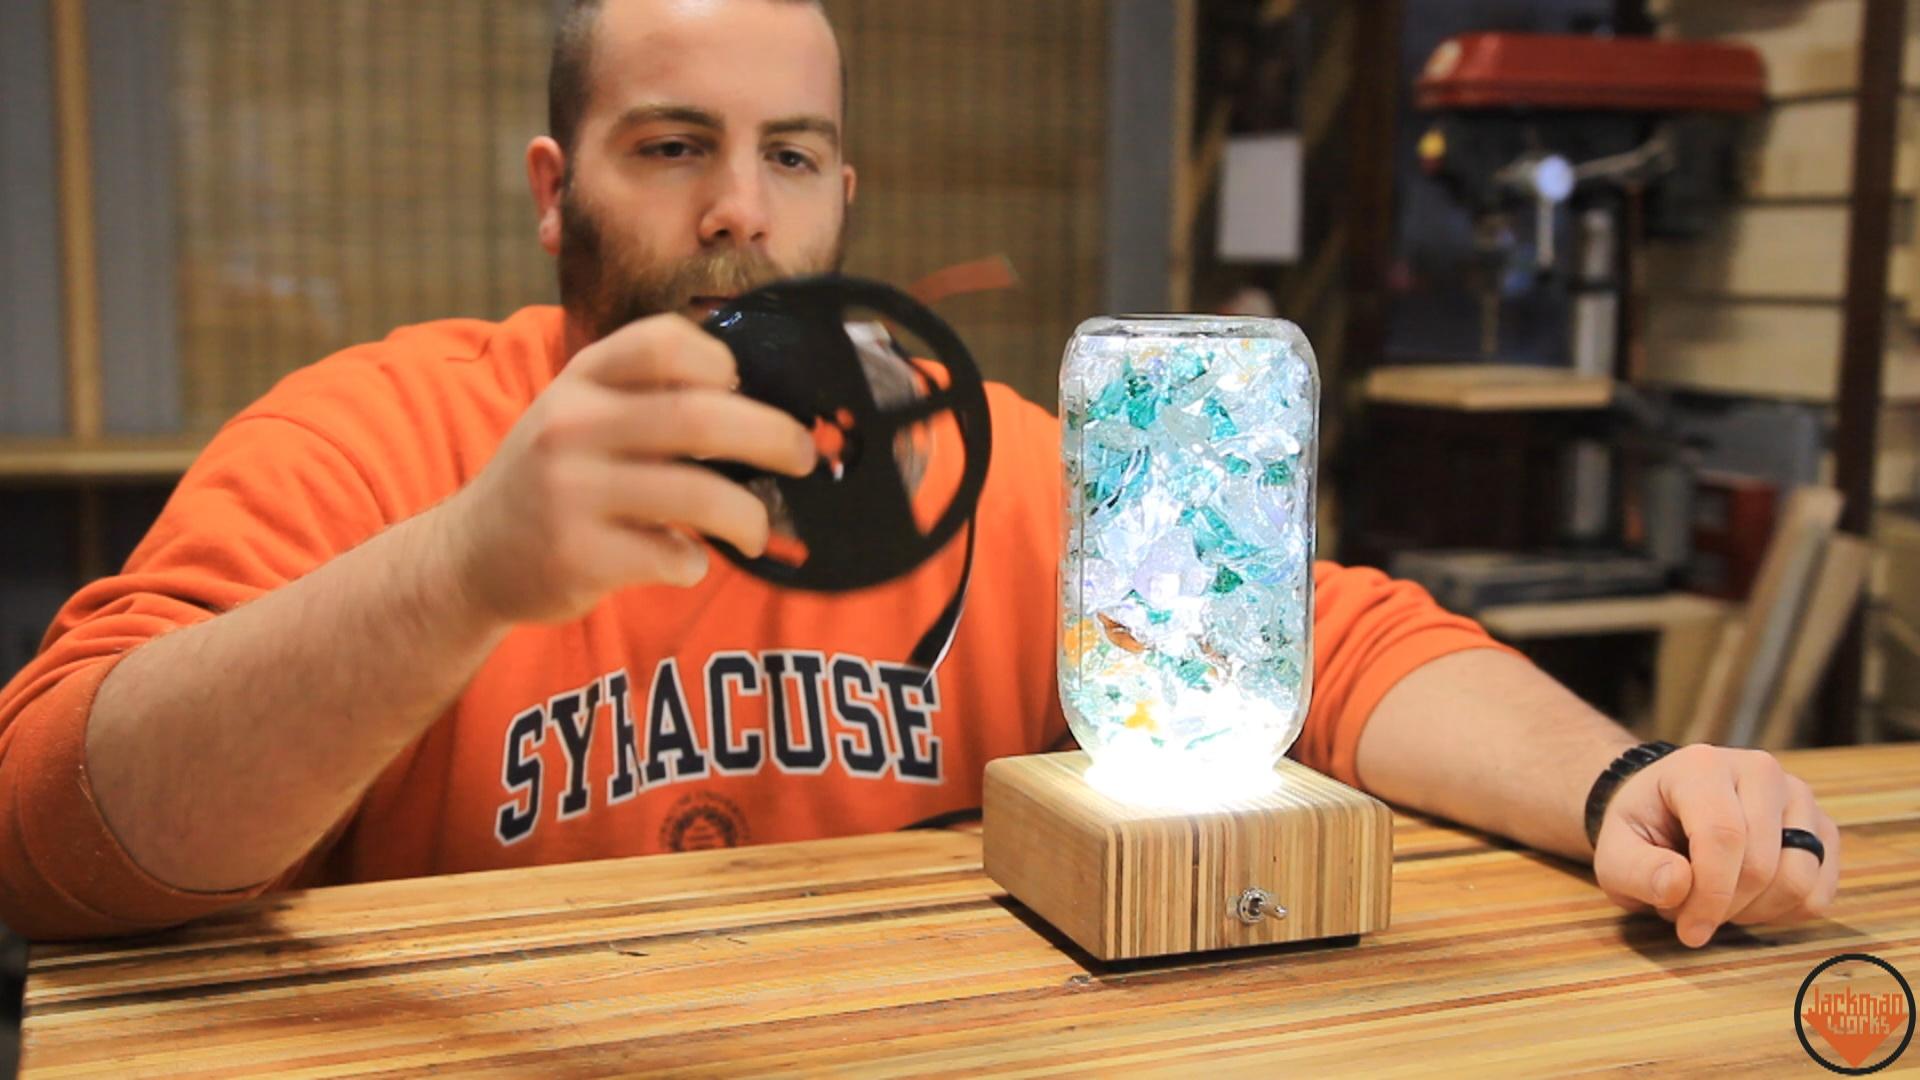 32 jackman works jackman worksupcycled glass lampsled lampsmodern furniturediy lampled strip lightconcrete pendant5 volt strip lightlampsolderingsolderworkshop solutioingenieria Images